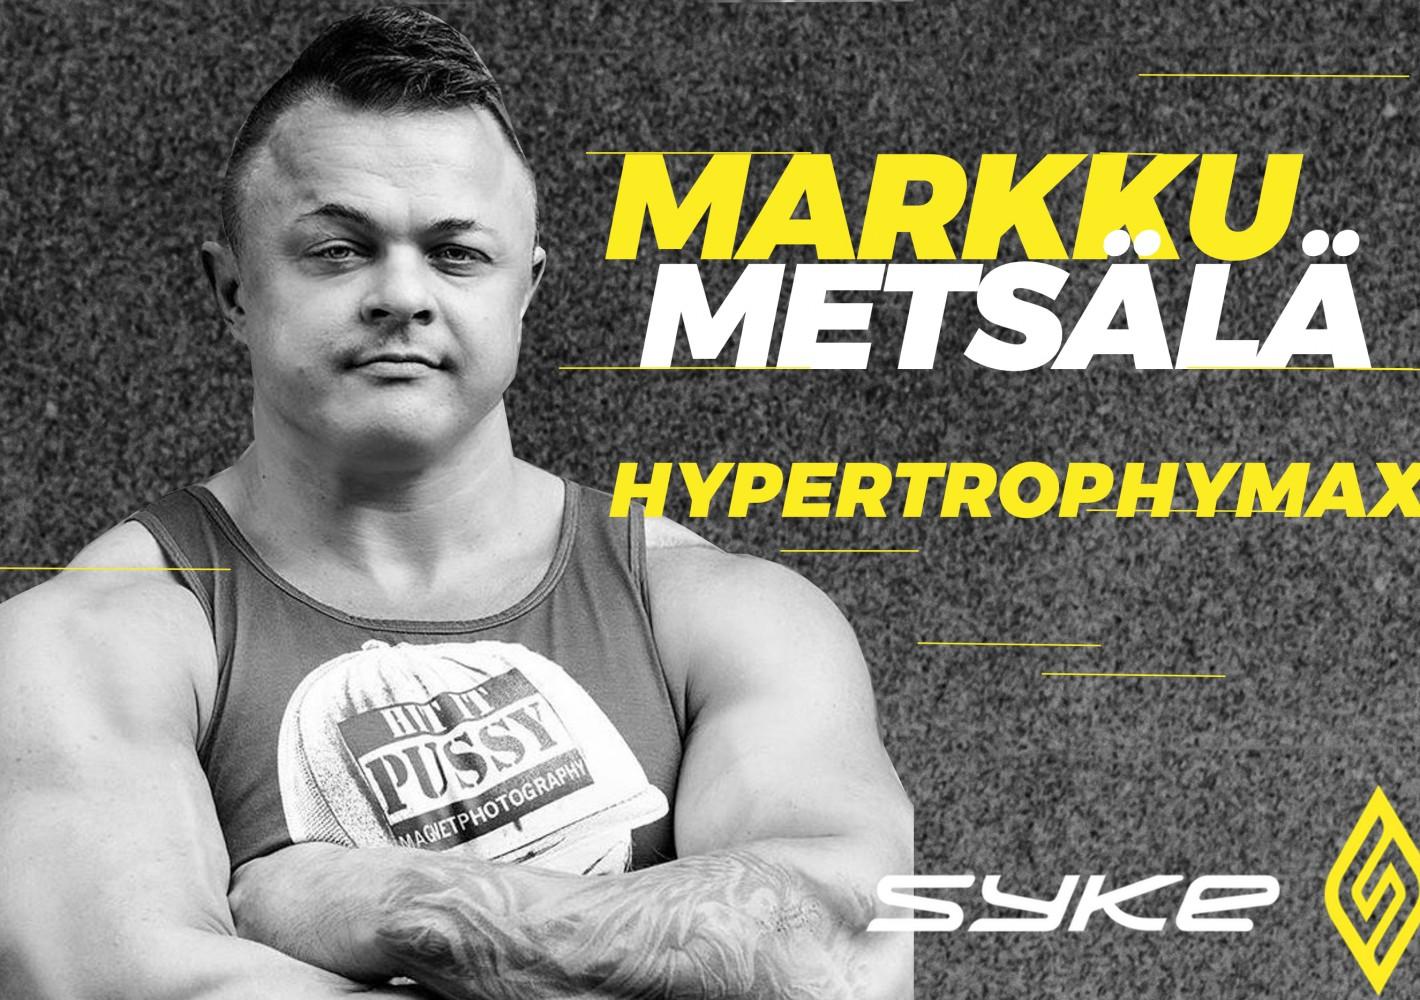 Hypertophymax by Markku Metsälä